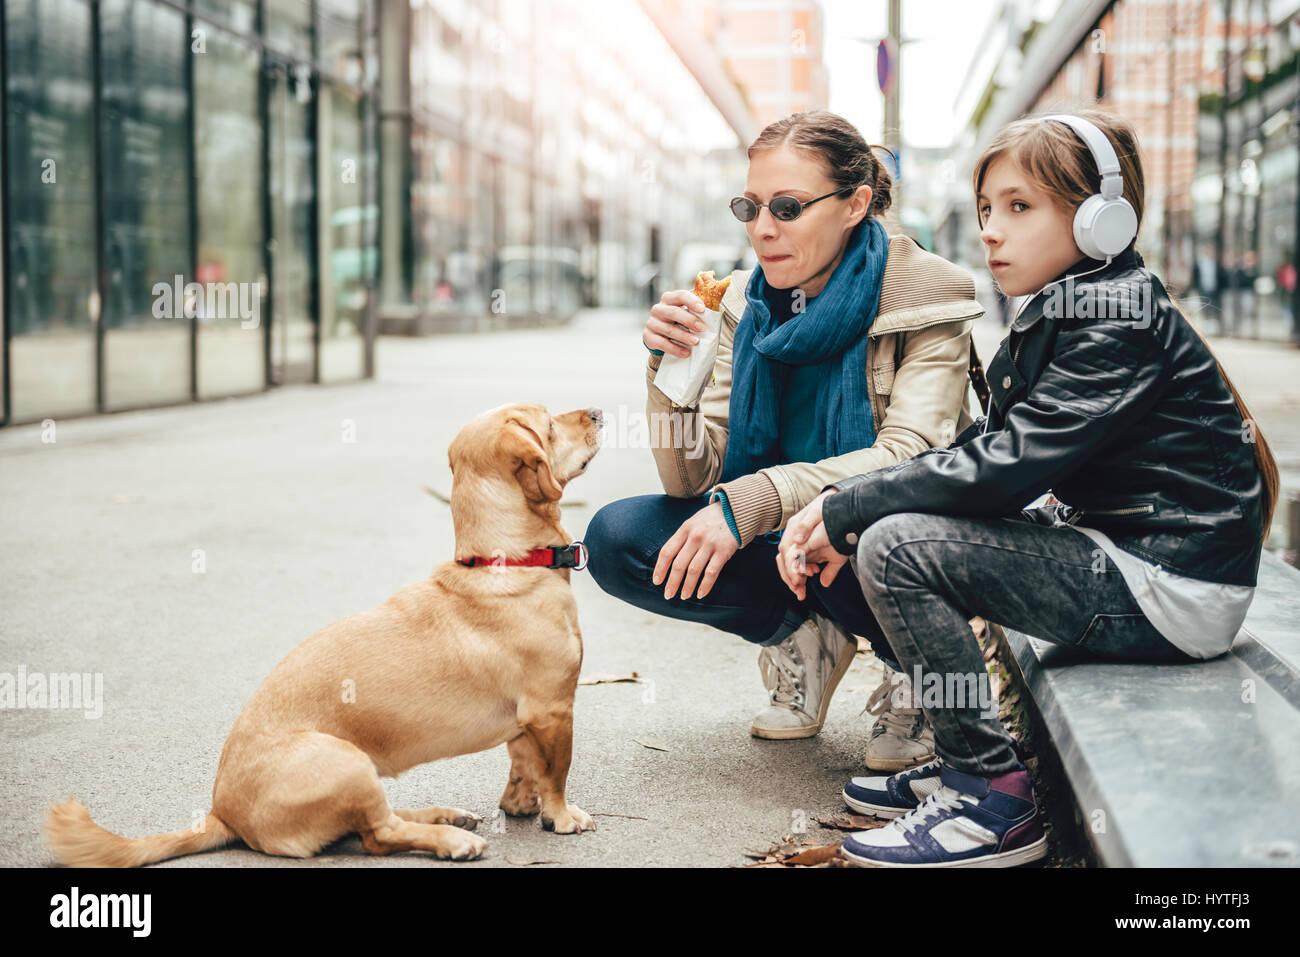 Madre mangiare panino e guardando un cane mentre la figlia ascoltando musica su strada Immagini Stock